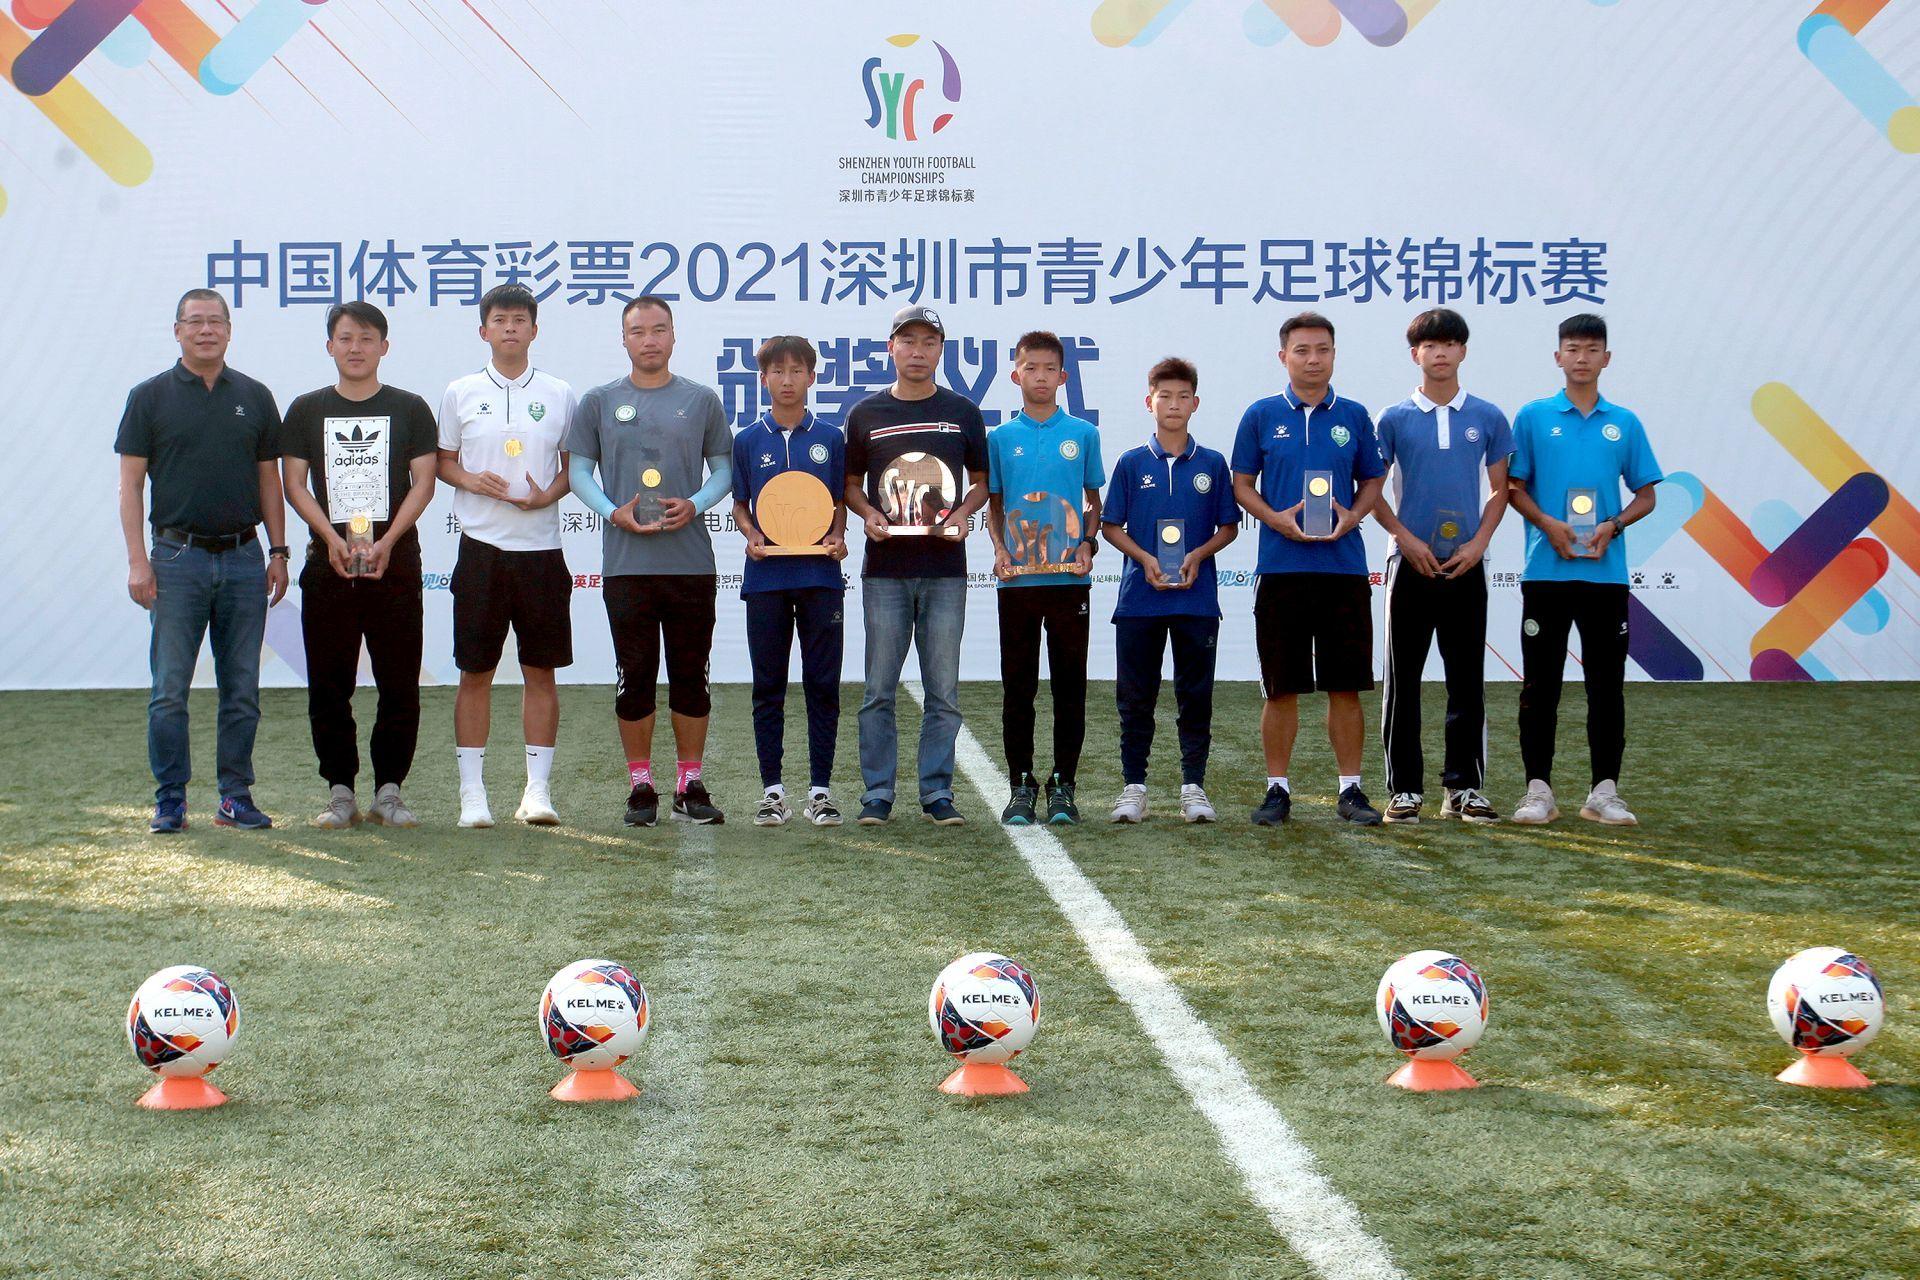 中国体育彩票2021深圳市青少年足球锦标赛打造高人气赛事平台